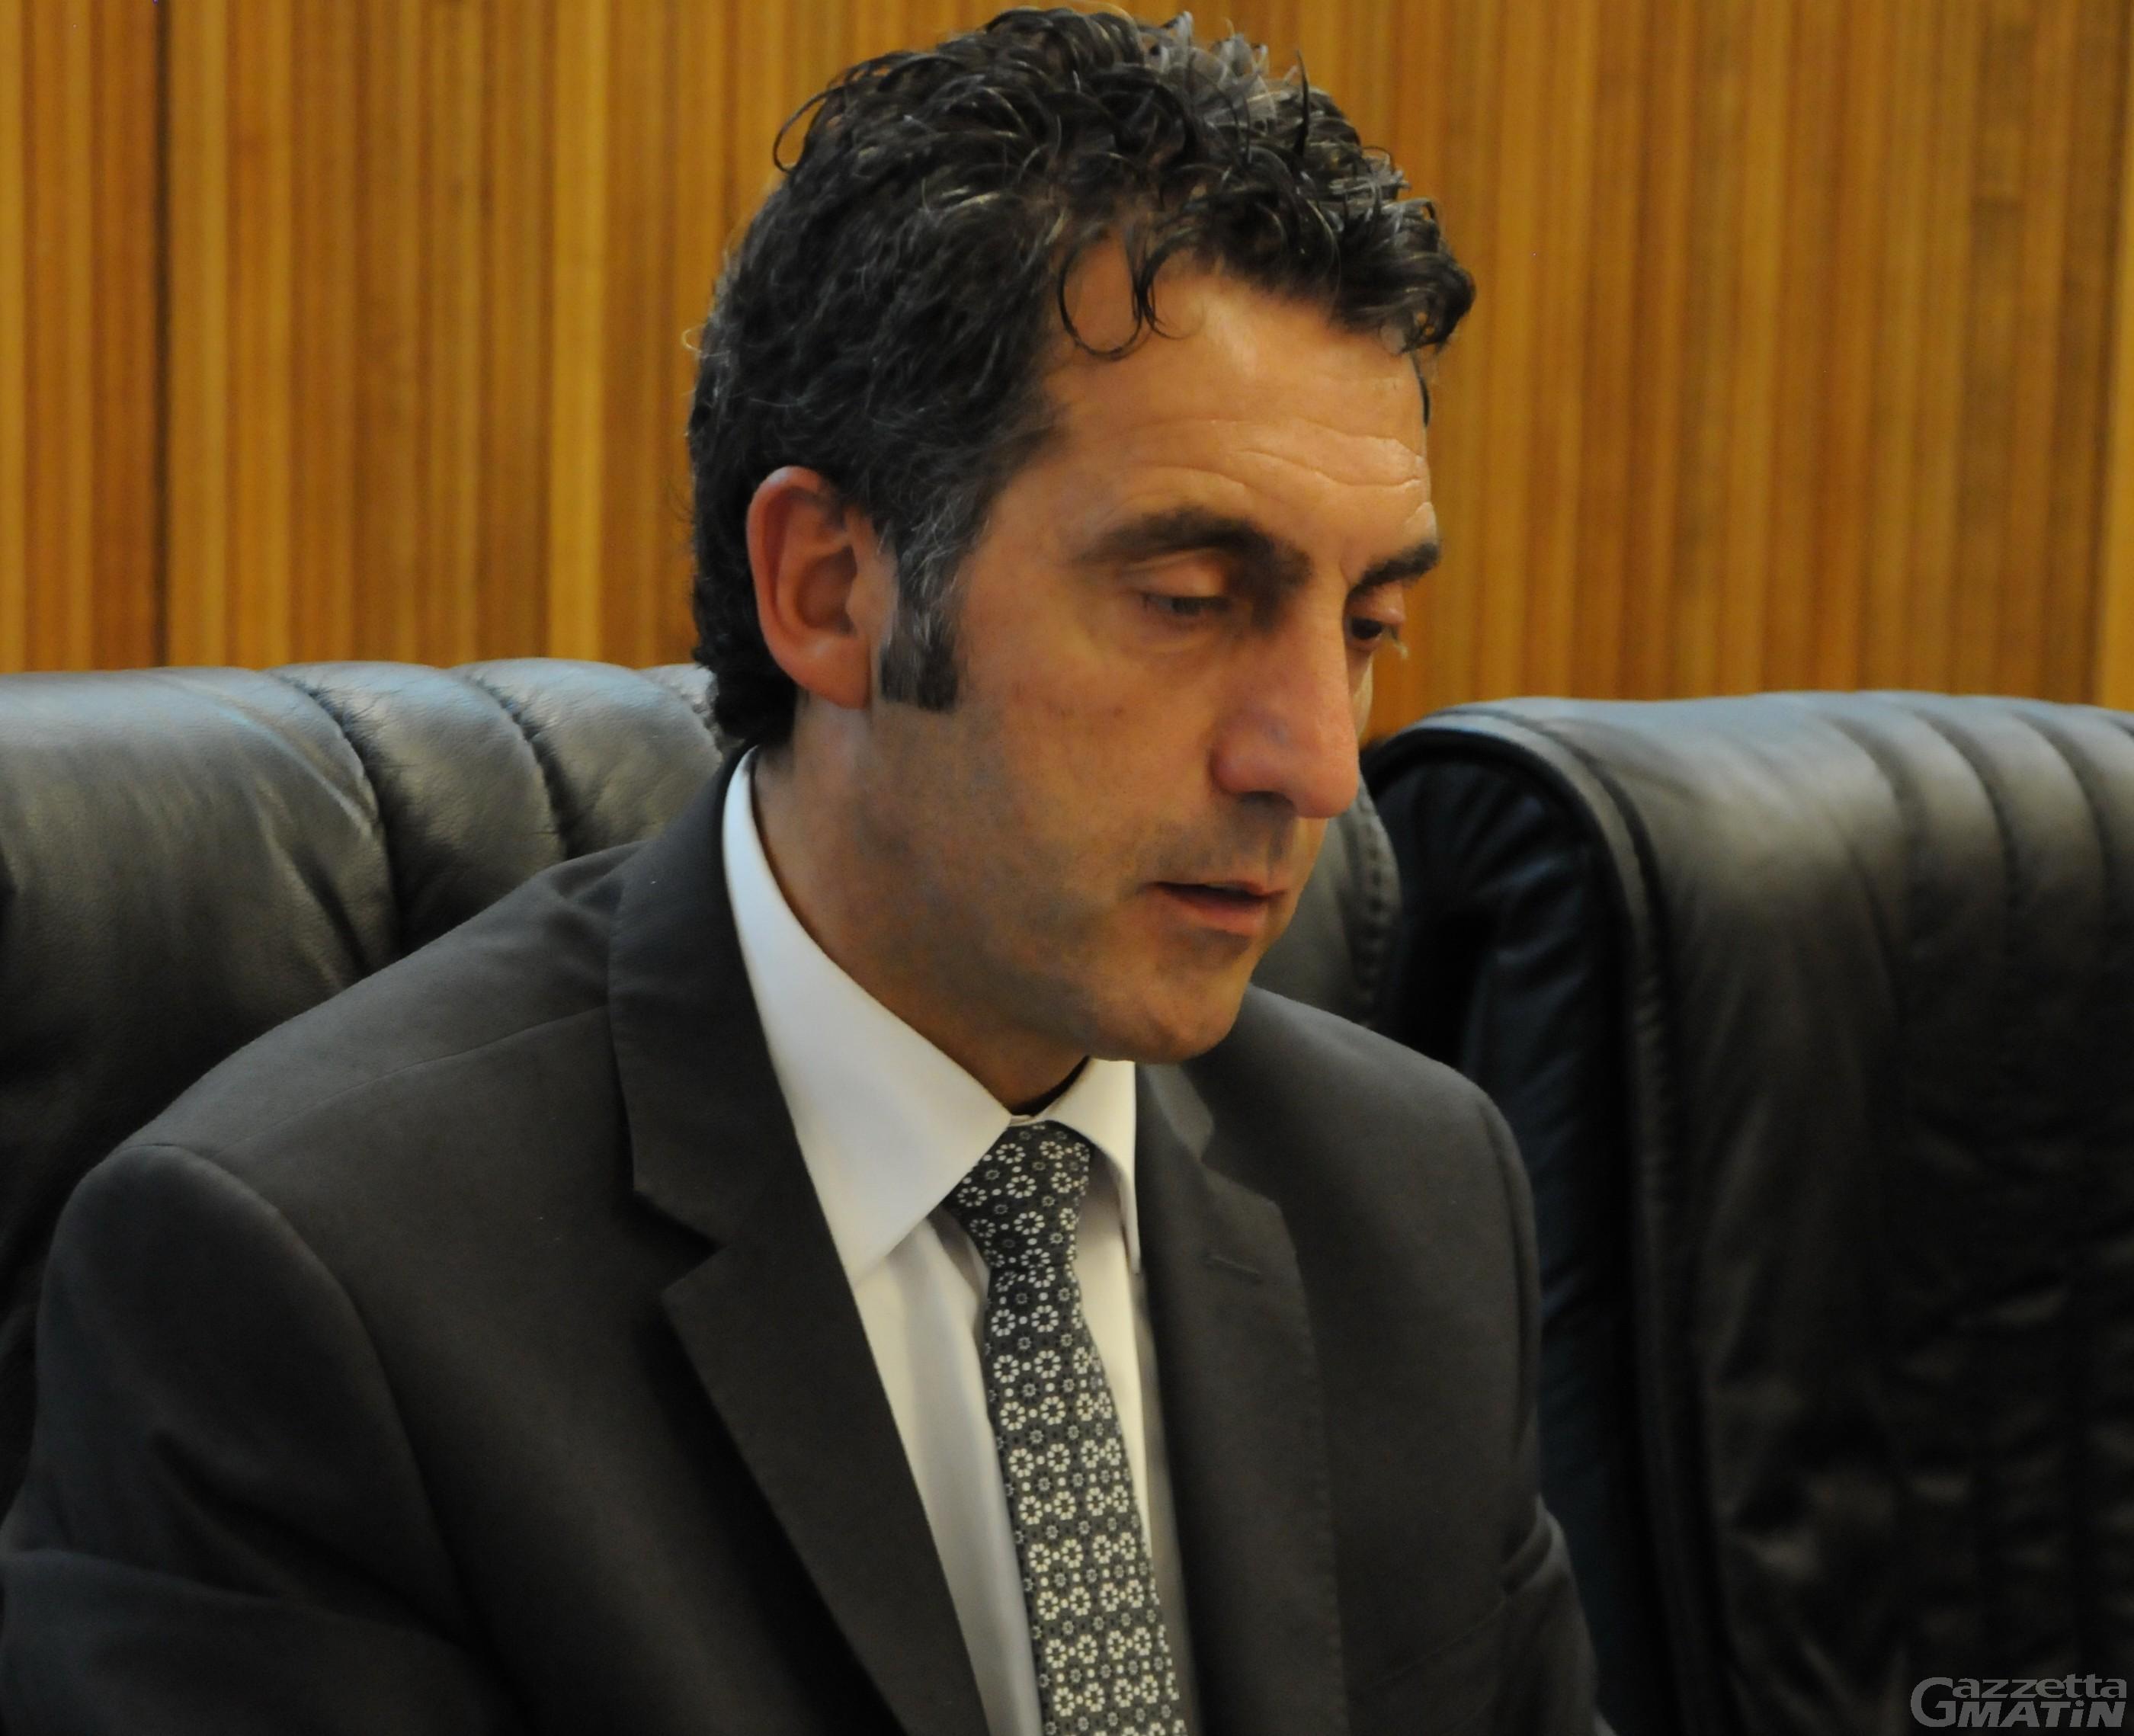 Richiesta scarcerazione Sorbara: udienza fissata per il 21 agosto